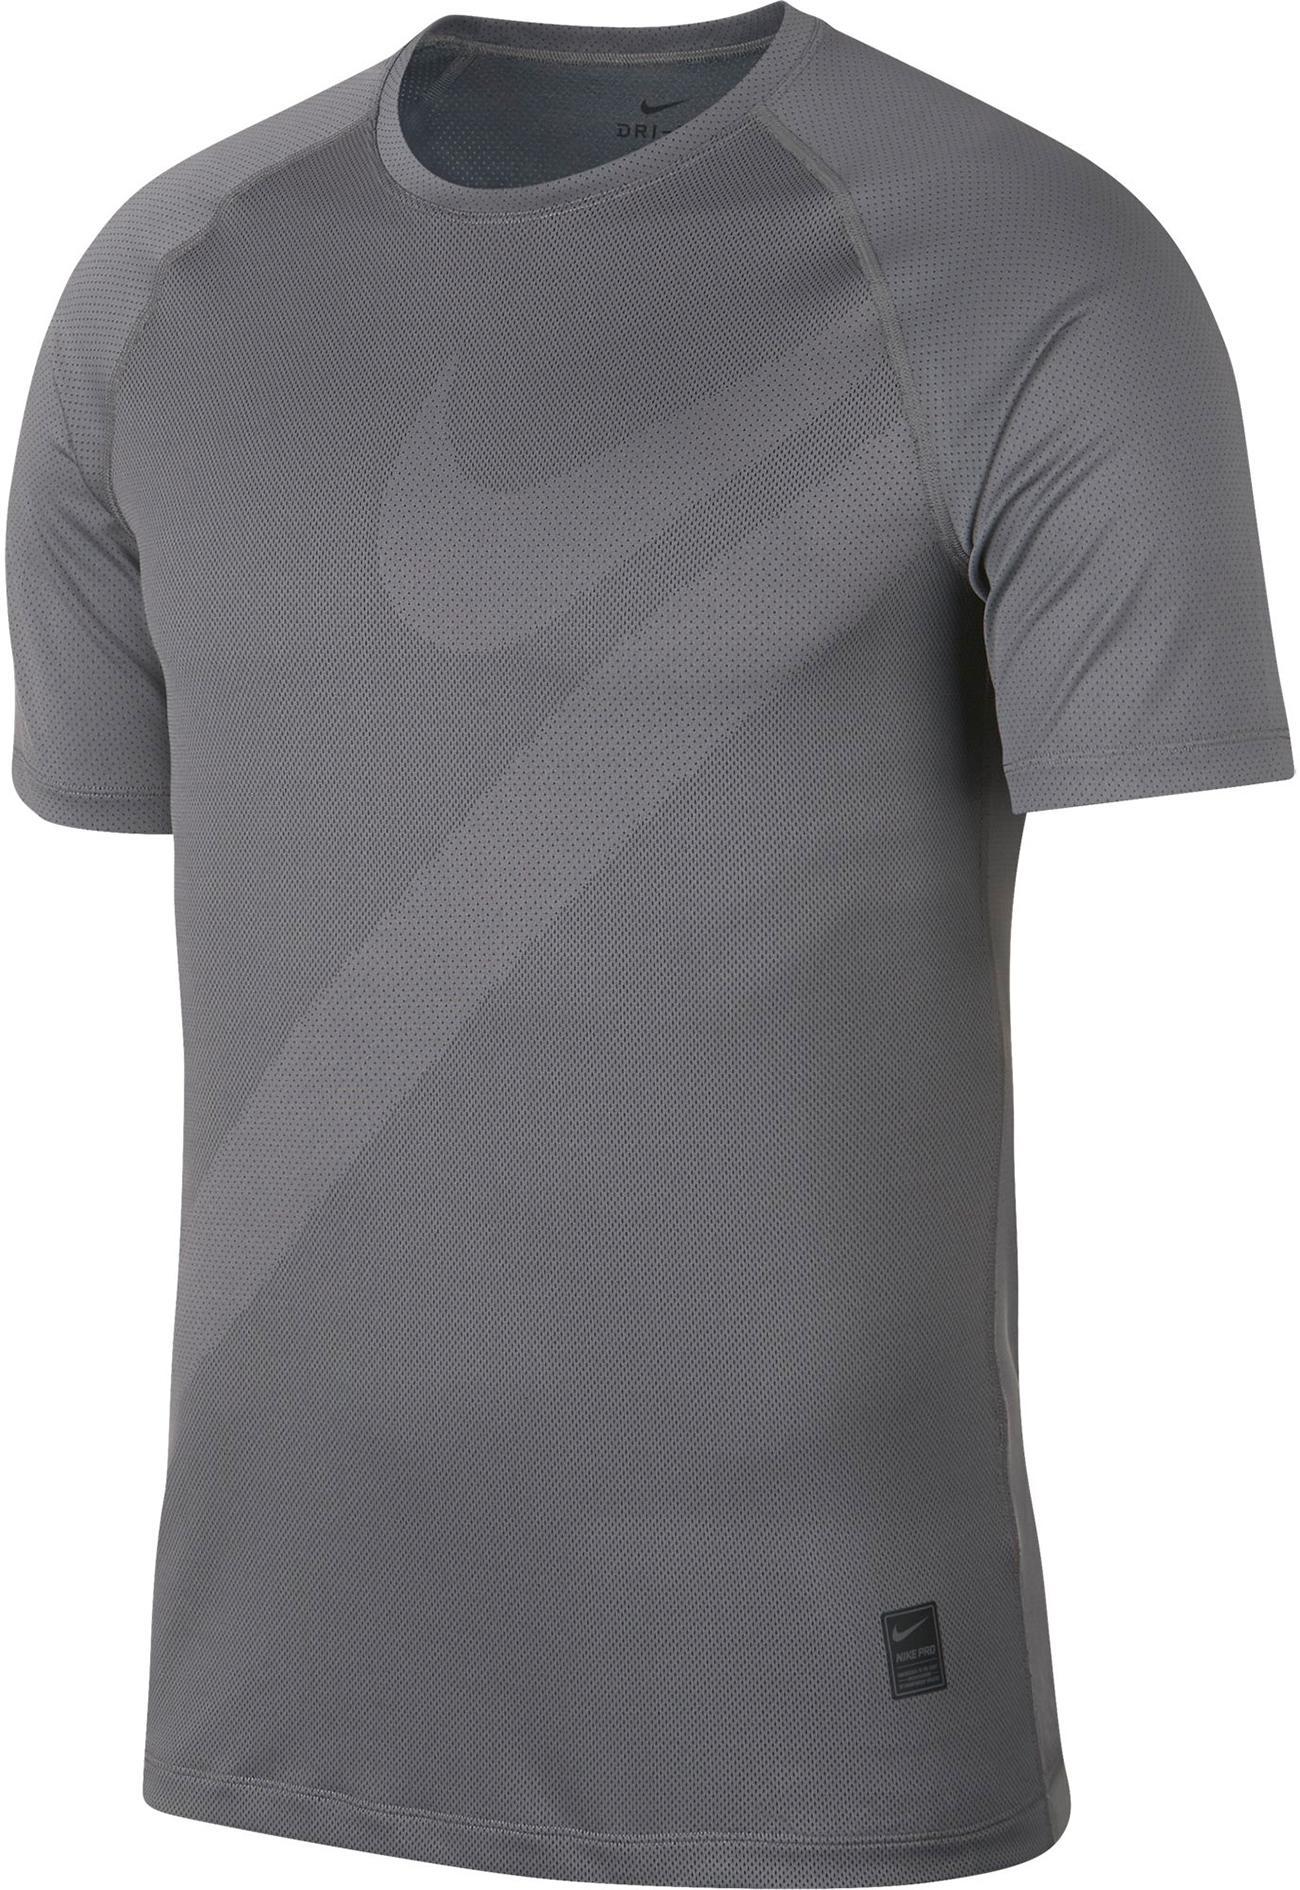 shirts f�r herren von nike im online shop von sportscheck kaufen  nike pro hbr 2 funktionsshirt herren gunsmoke black gunsmoke